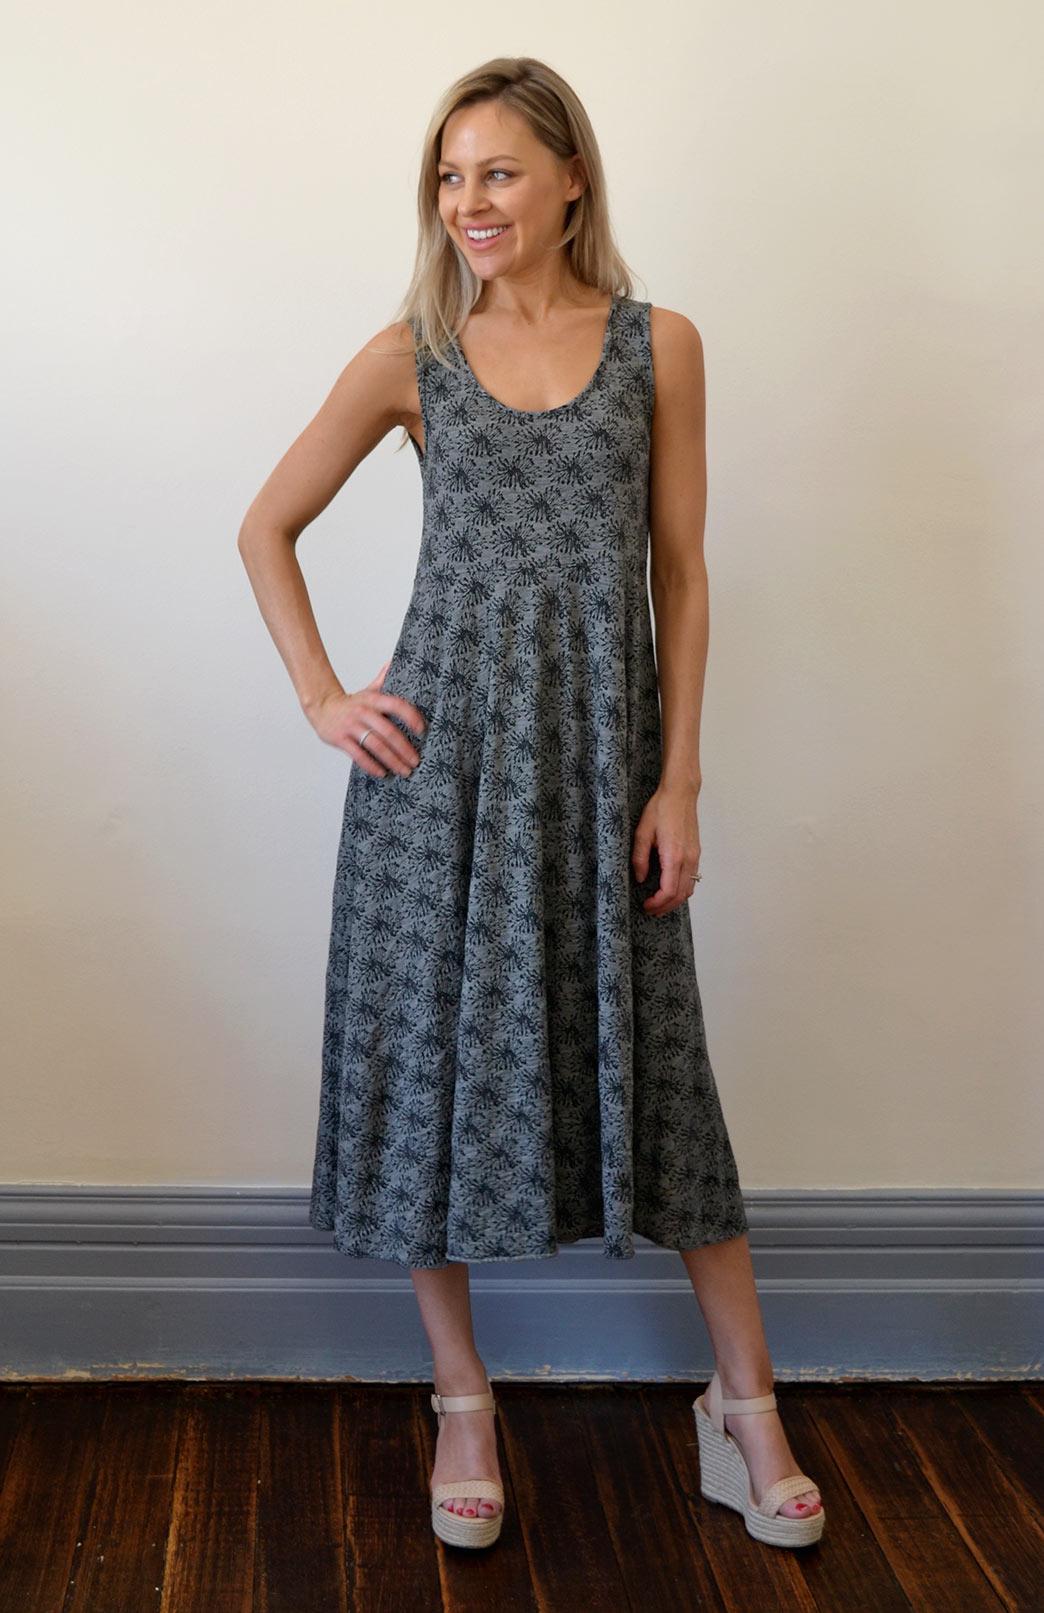 Dandelion Fan Dress- available here